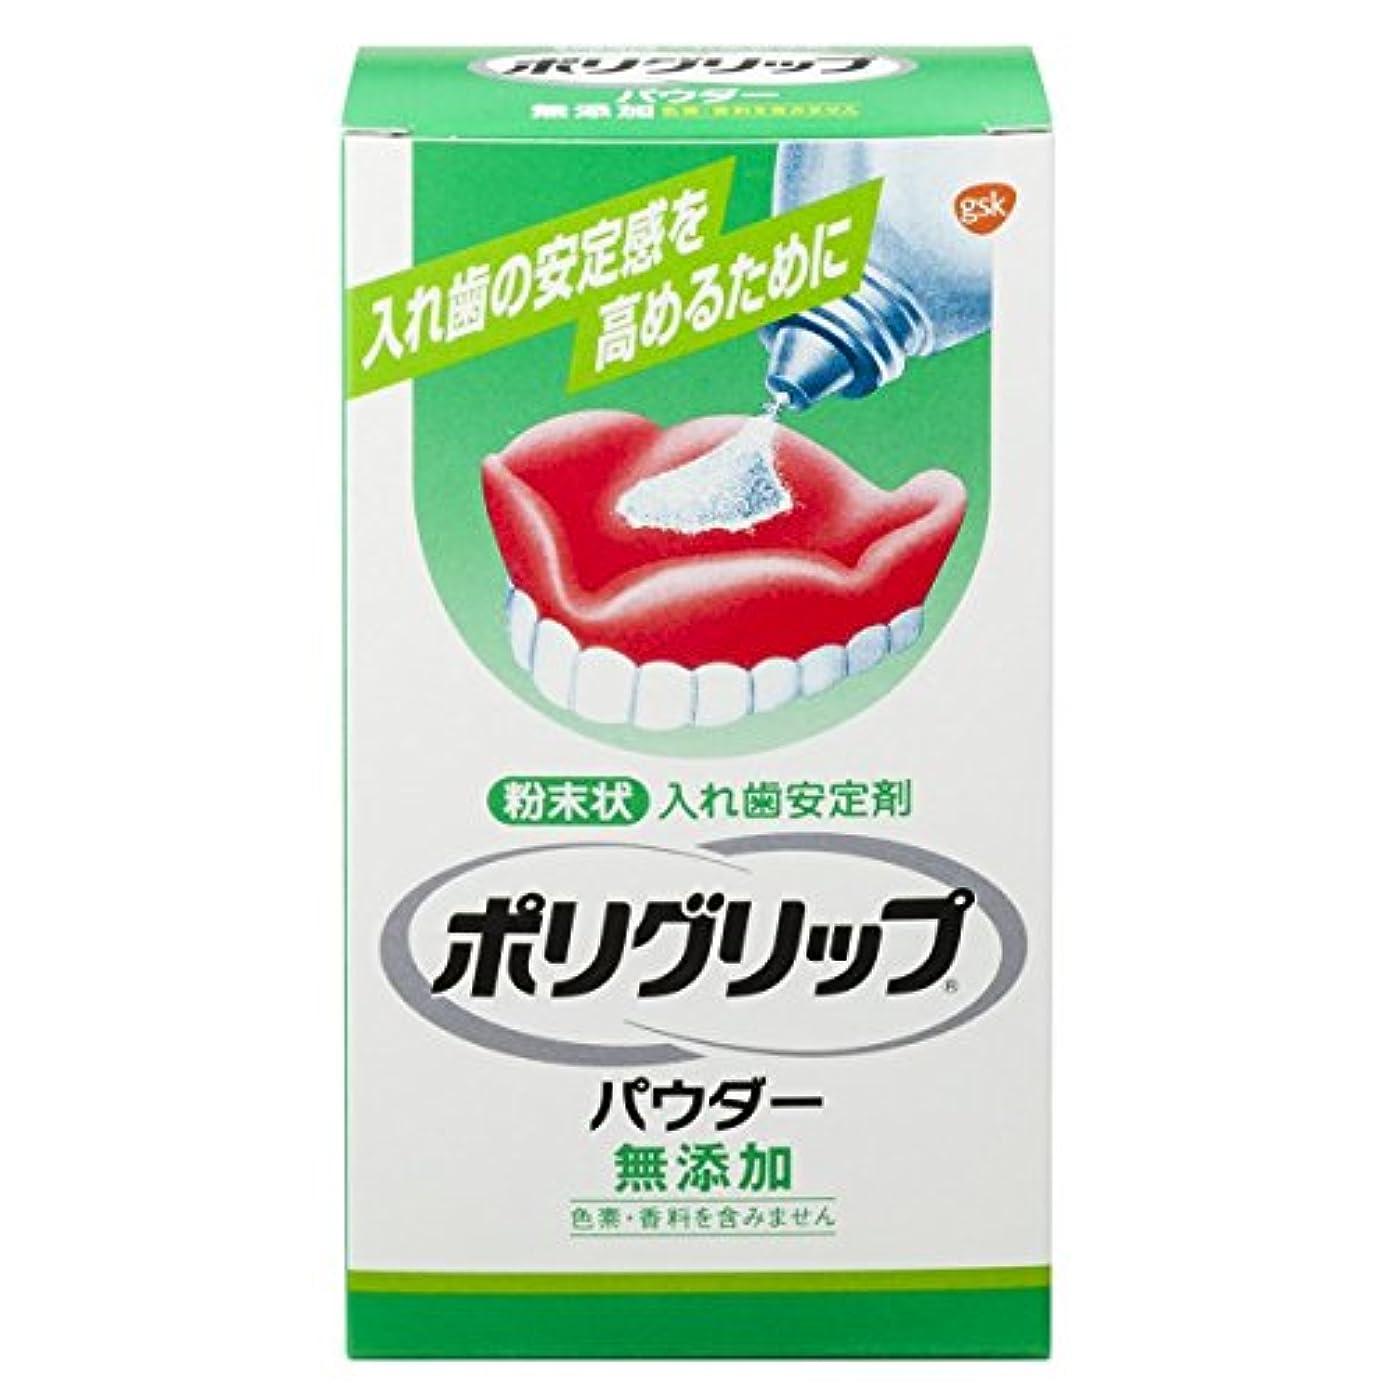 プロテスタント稚魚ベイビー【アース製薬】ポリグリップパウダー 無添加 50g ×3個セット